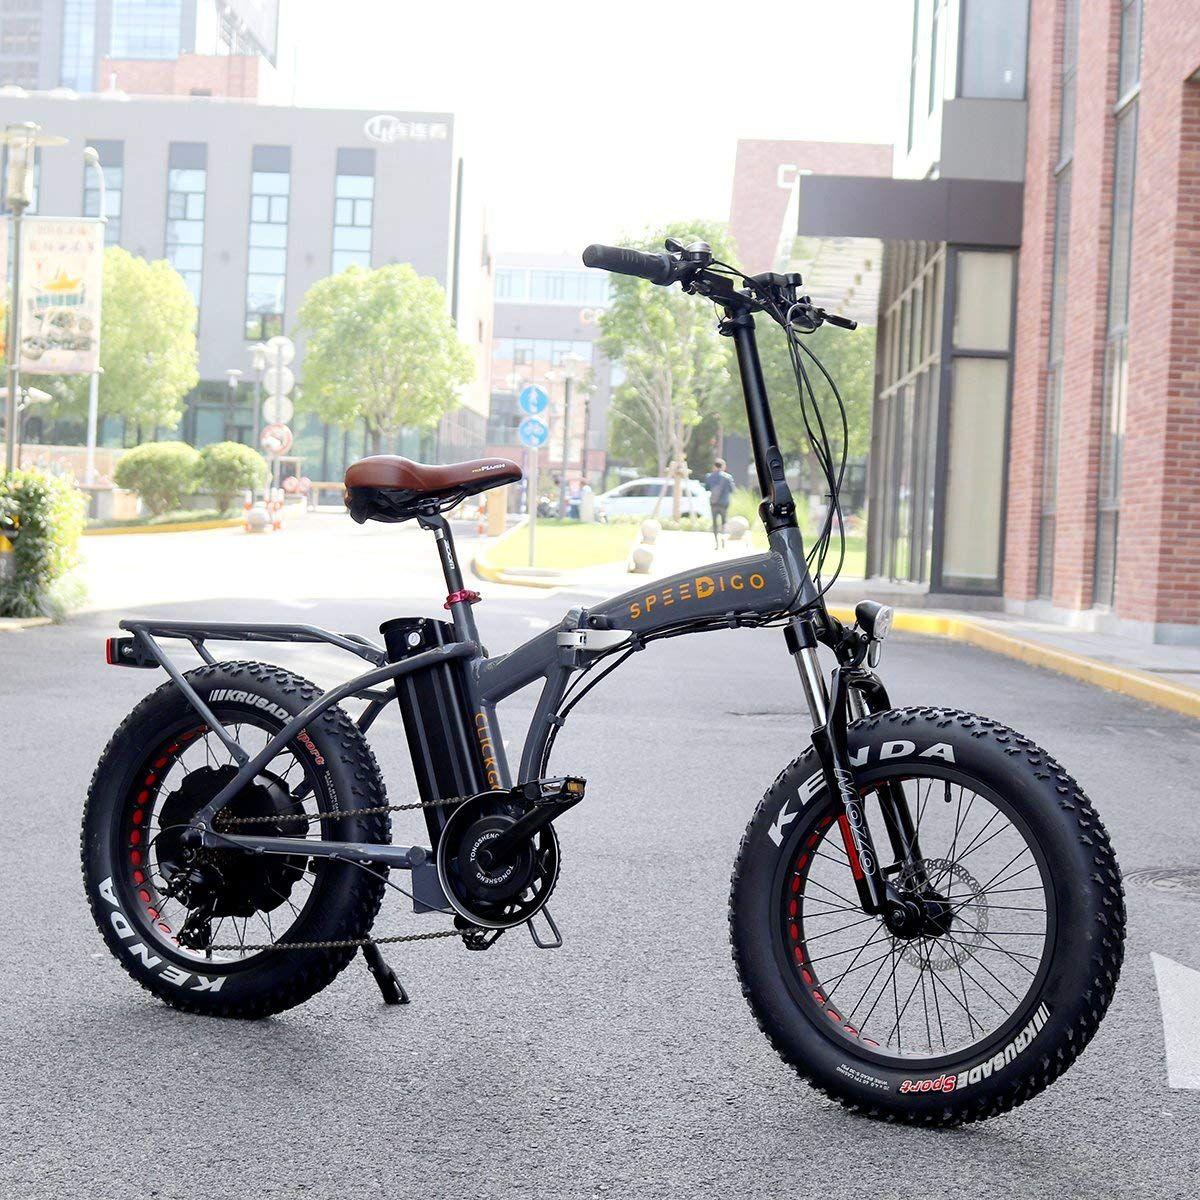 Goetland Electric Bike Review Electric Bike Bike Reviews Electric Bike Review